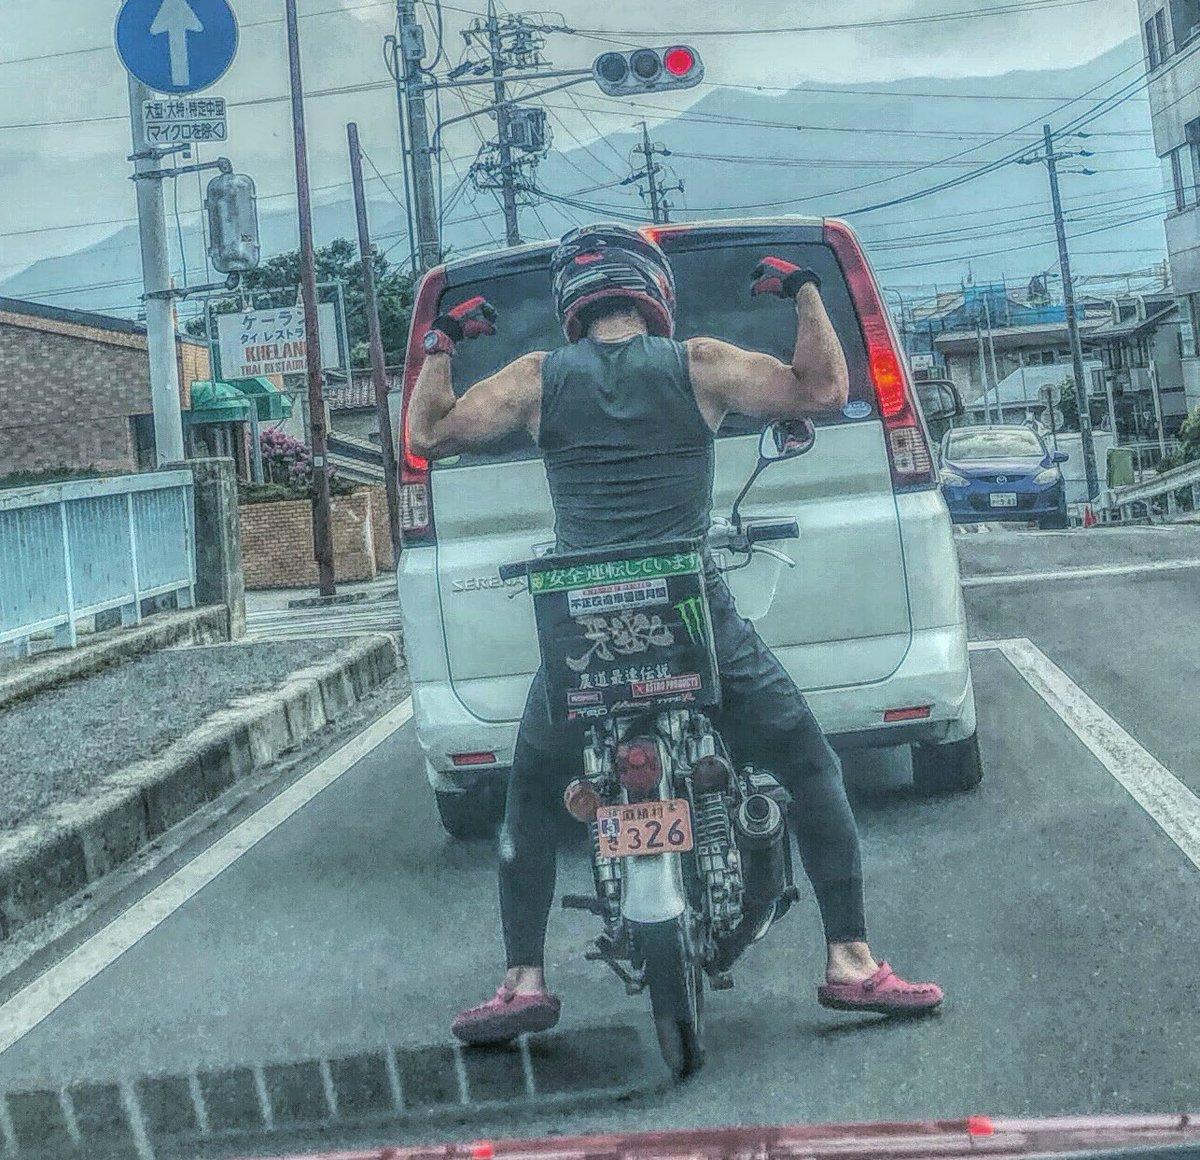 ミニバイクに乗っていると煽り運転は避けられない道そんな時!煽り運転を受けないとっても簡単な方法があります!!乗り手の様子がおかしければいいのです